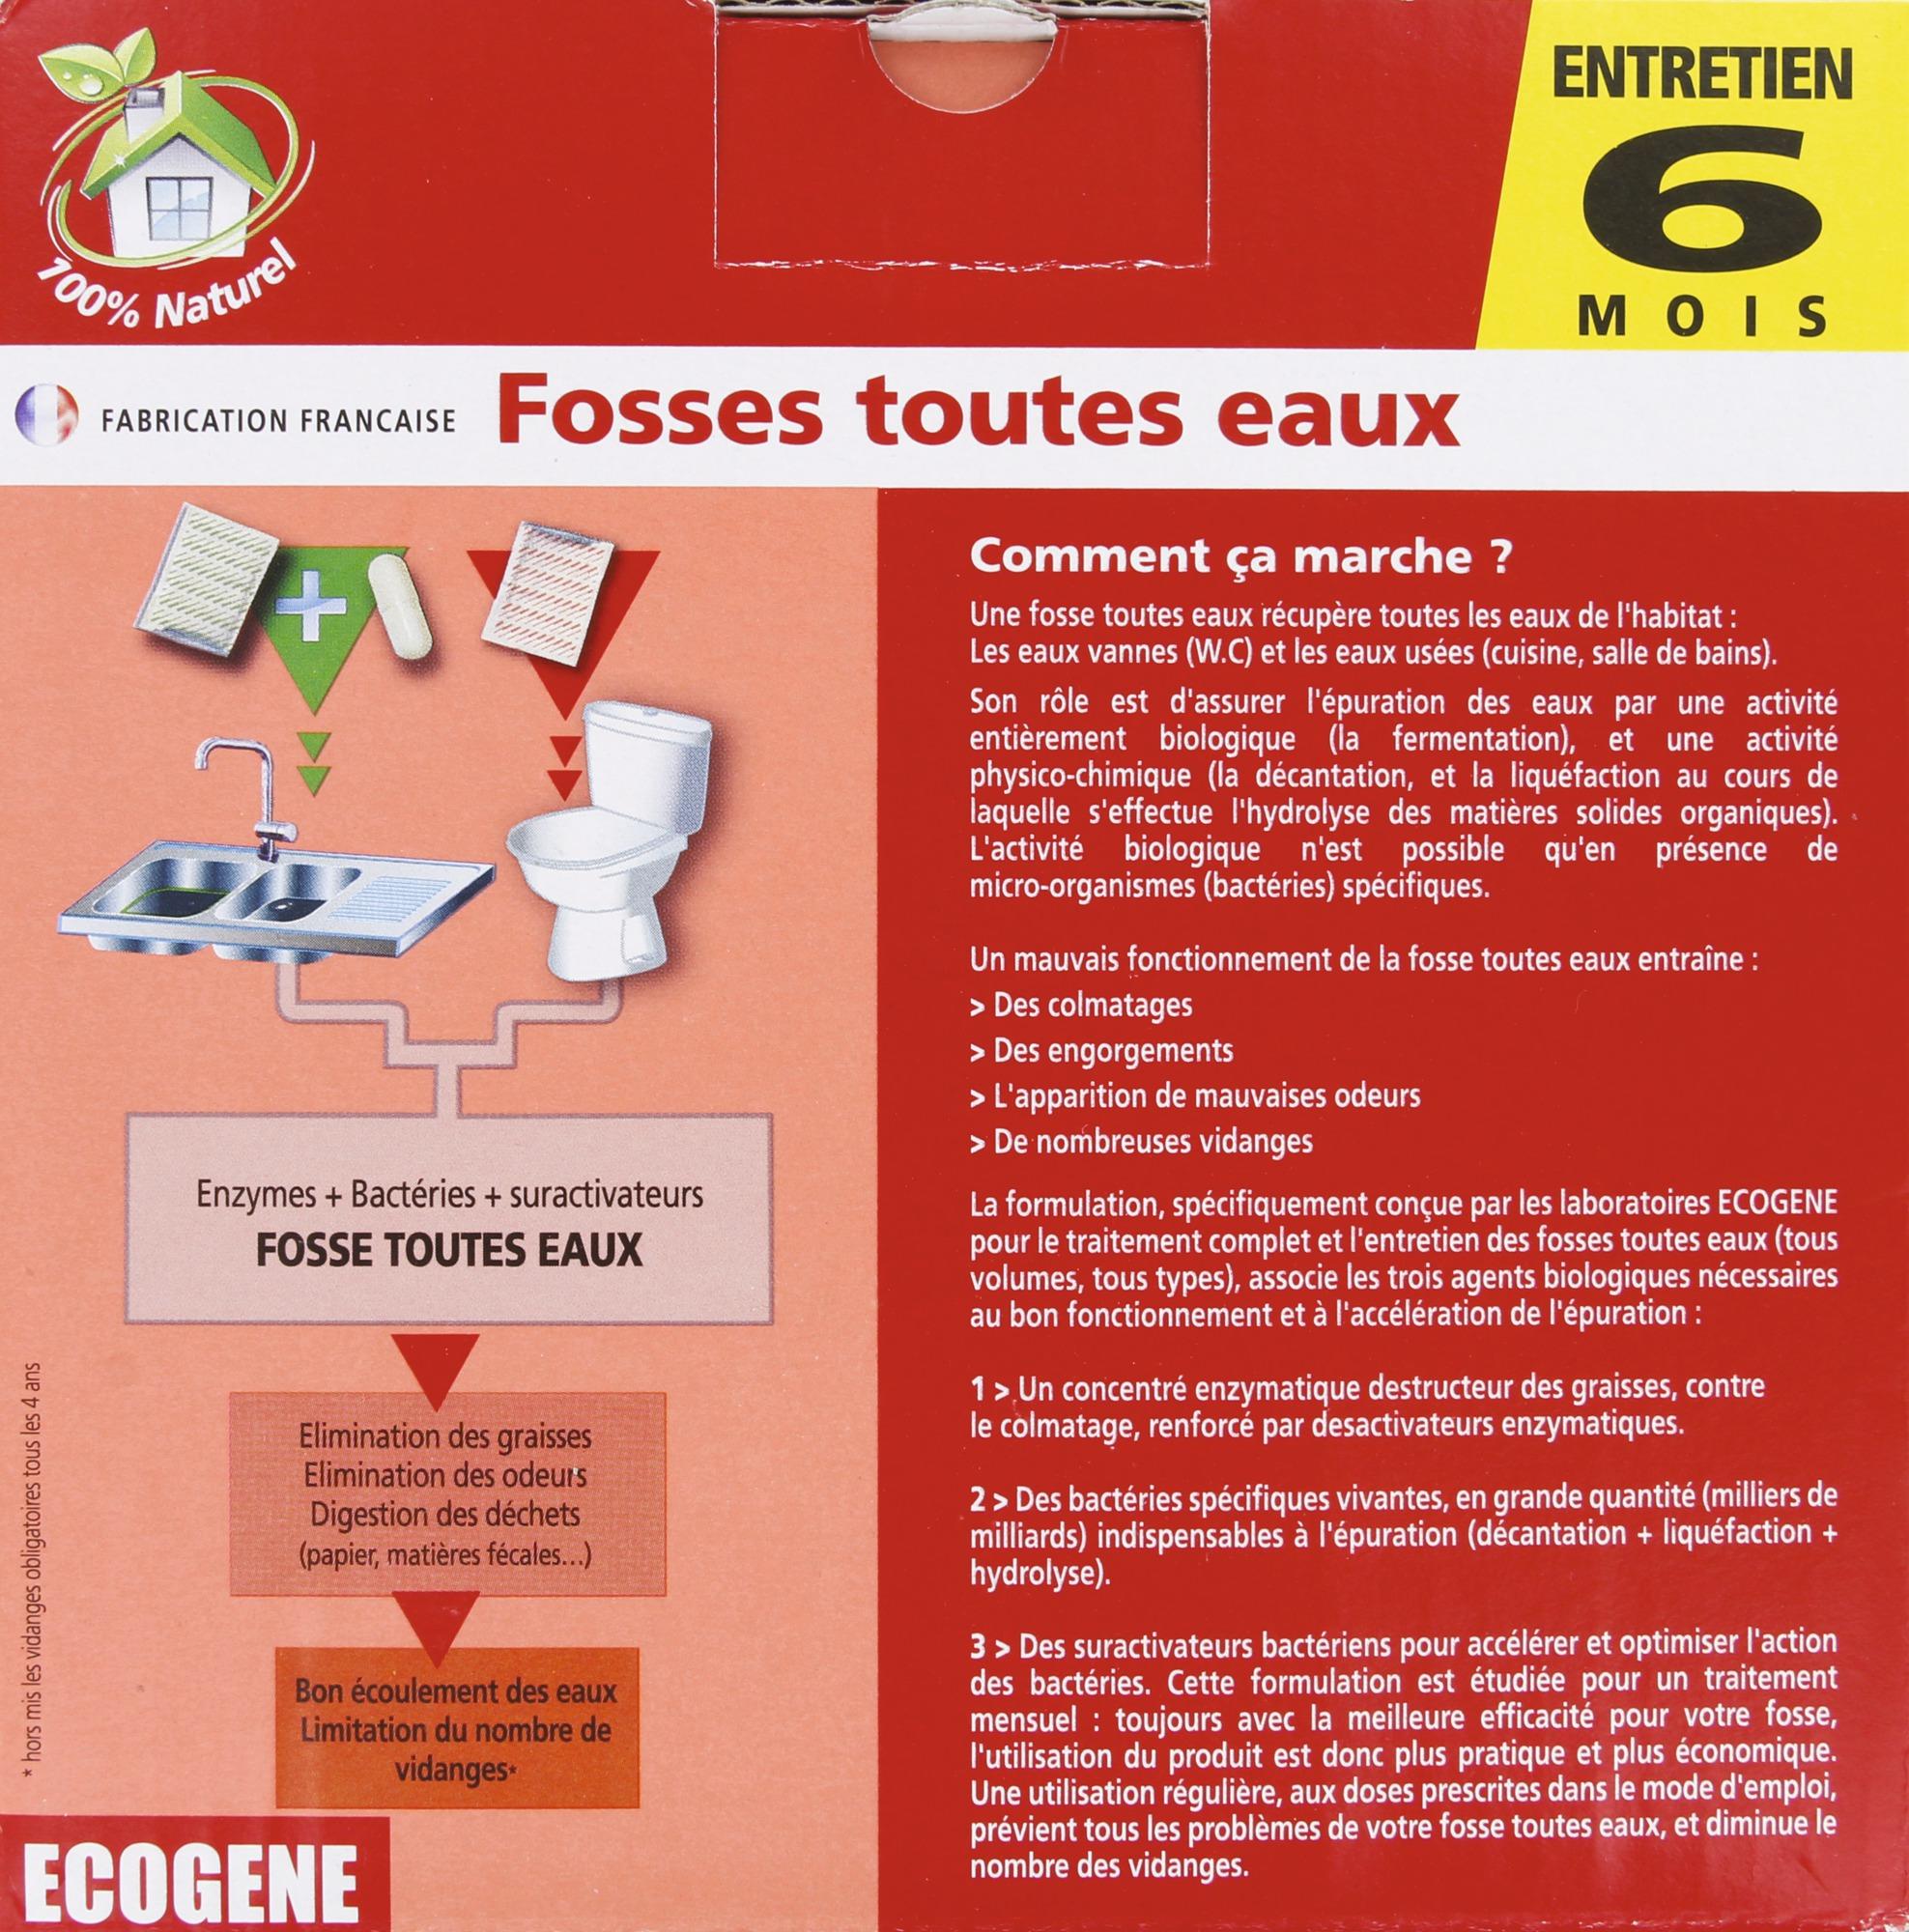 Fosse toutes eaux amazing fosse toutes eaux with fosse toutes eaux finest fosse toutes eaux - Fosse septique toutes eaux ...